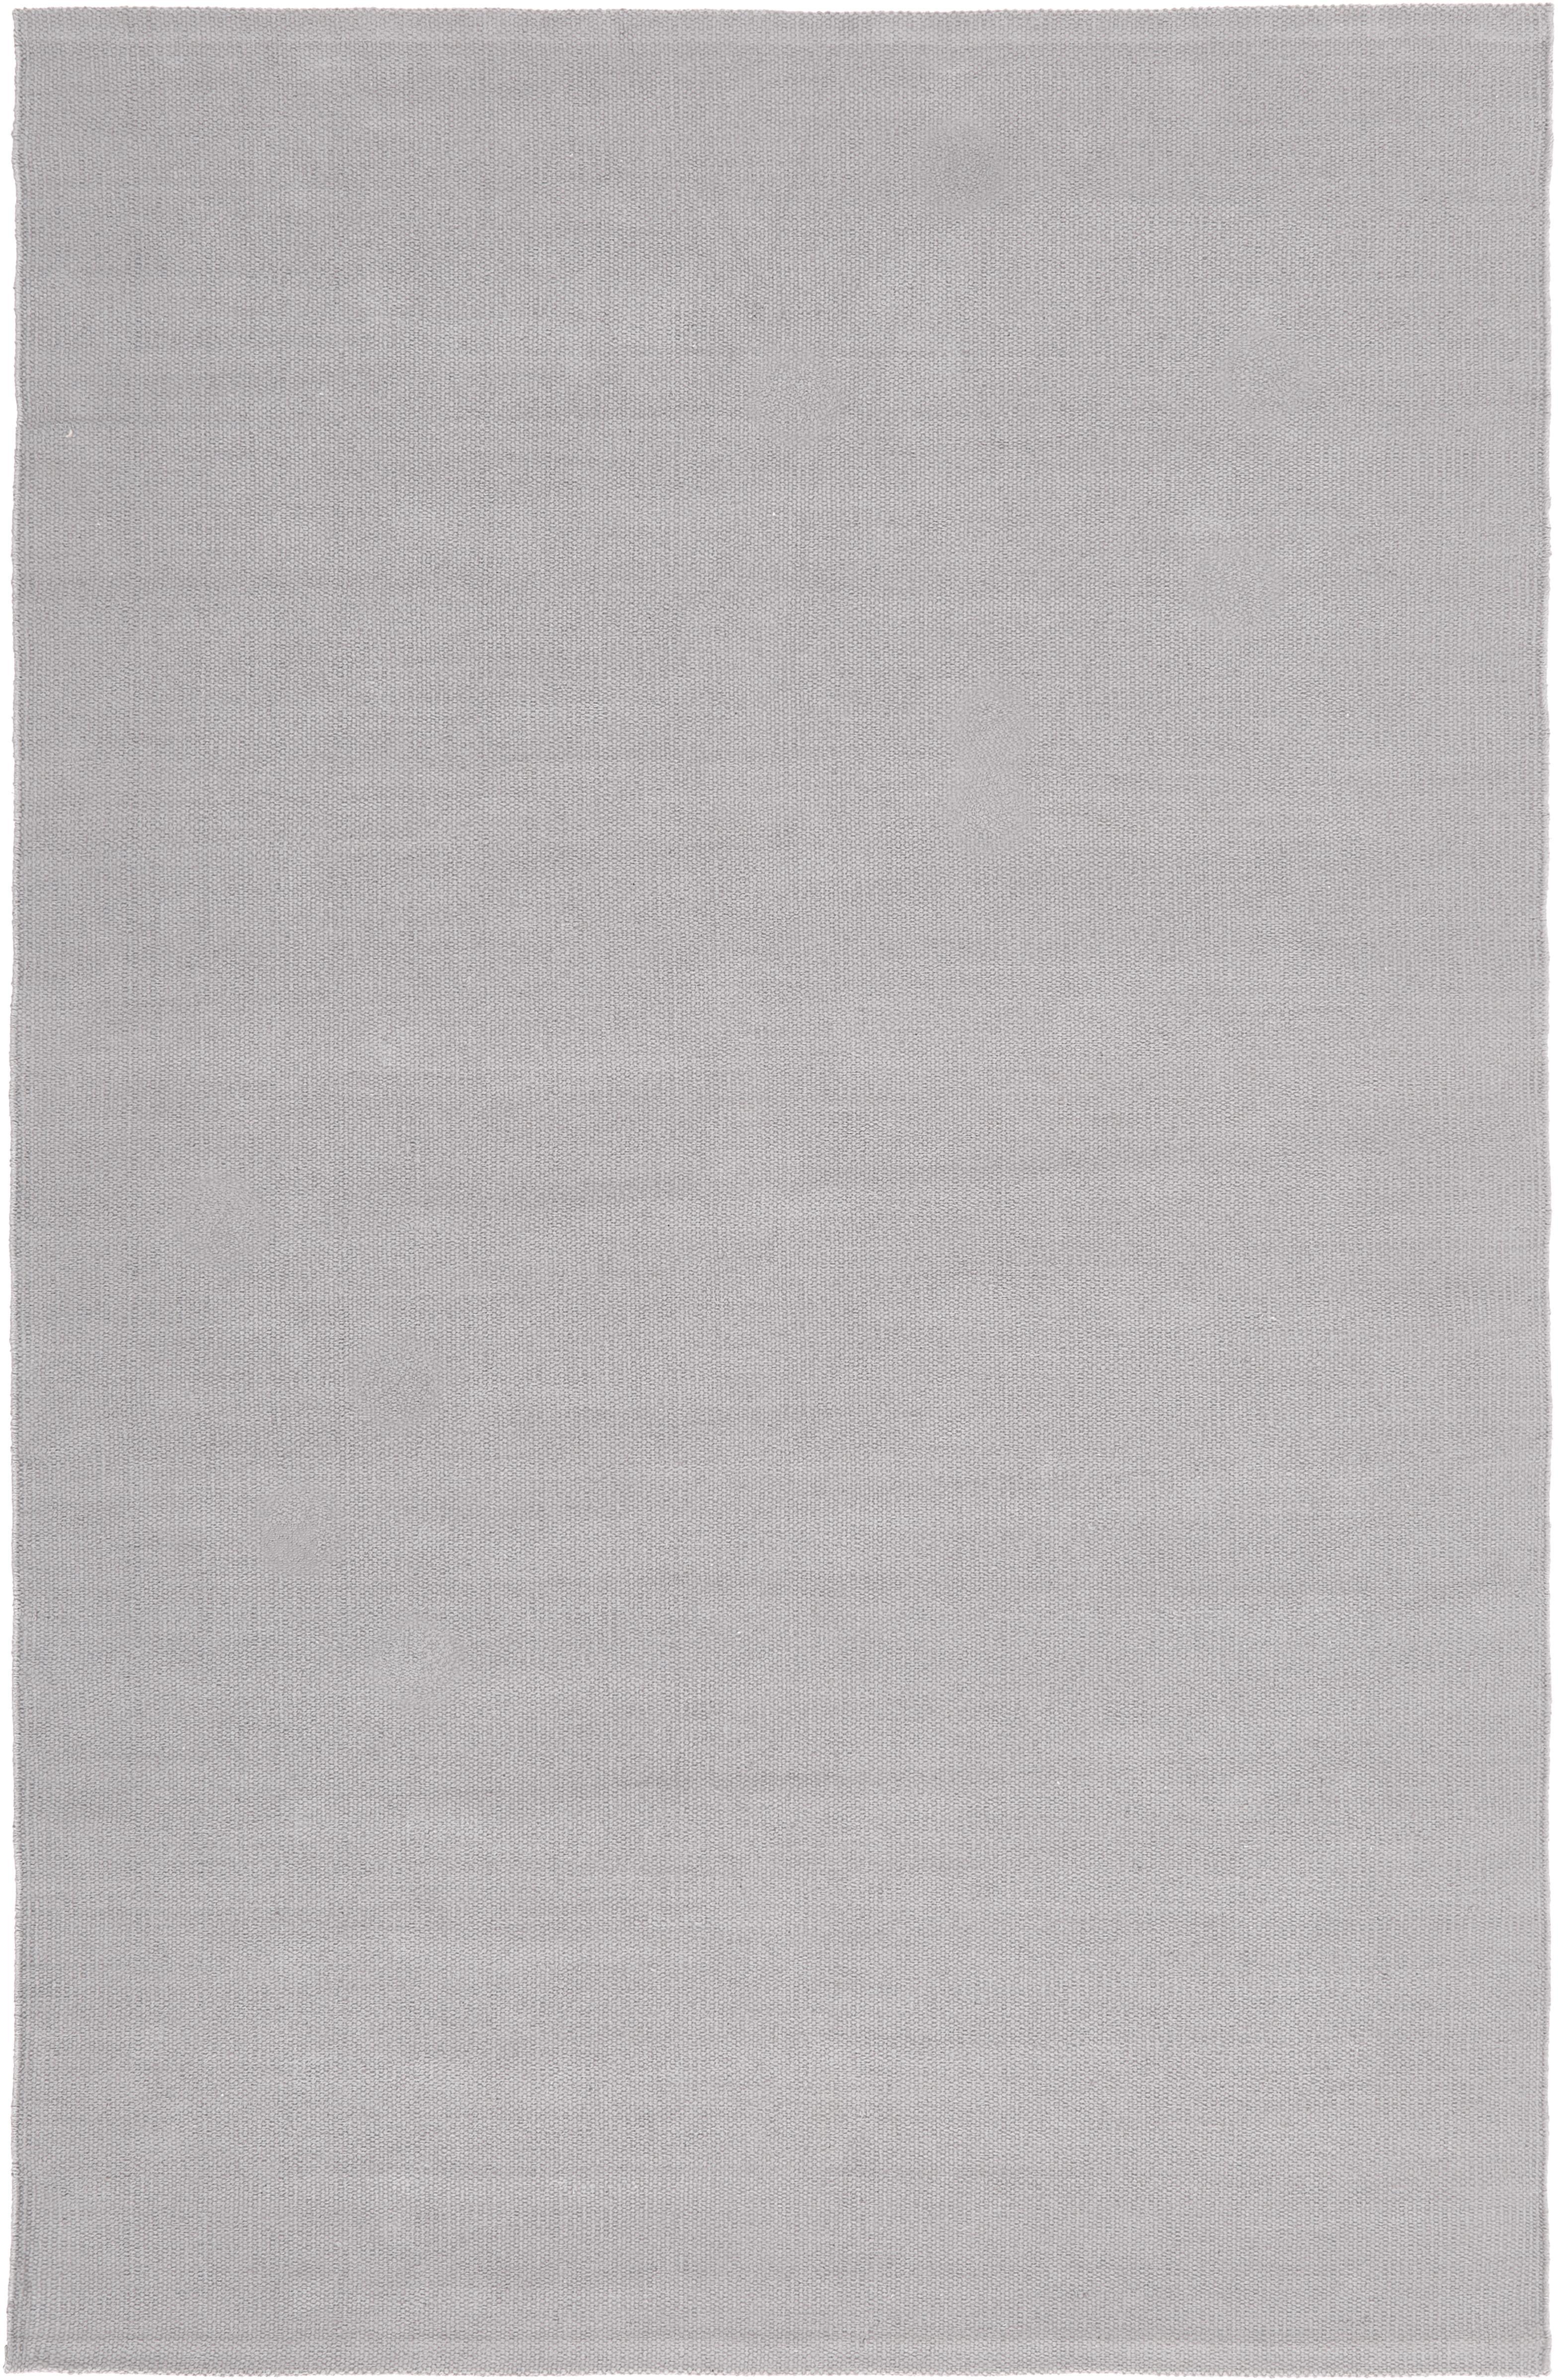 Ręcznie tkany dywan z bawełny Agneta, Bawełna, Szary, S 120 x D 180 cm